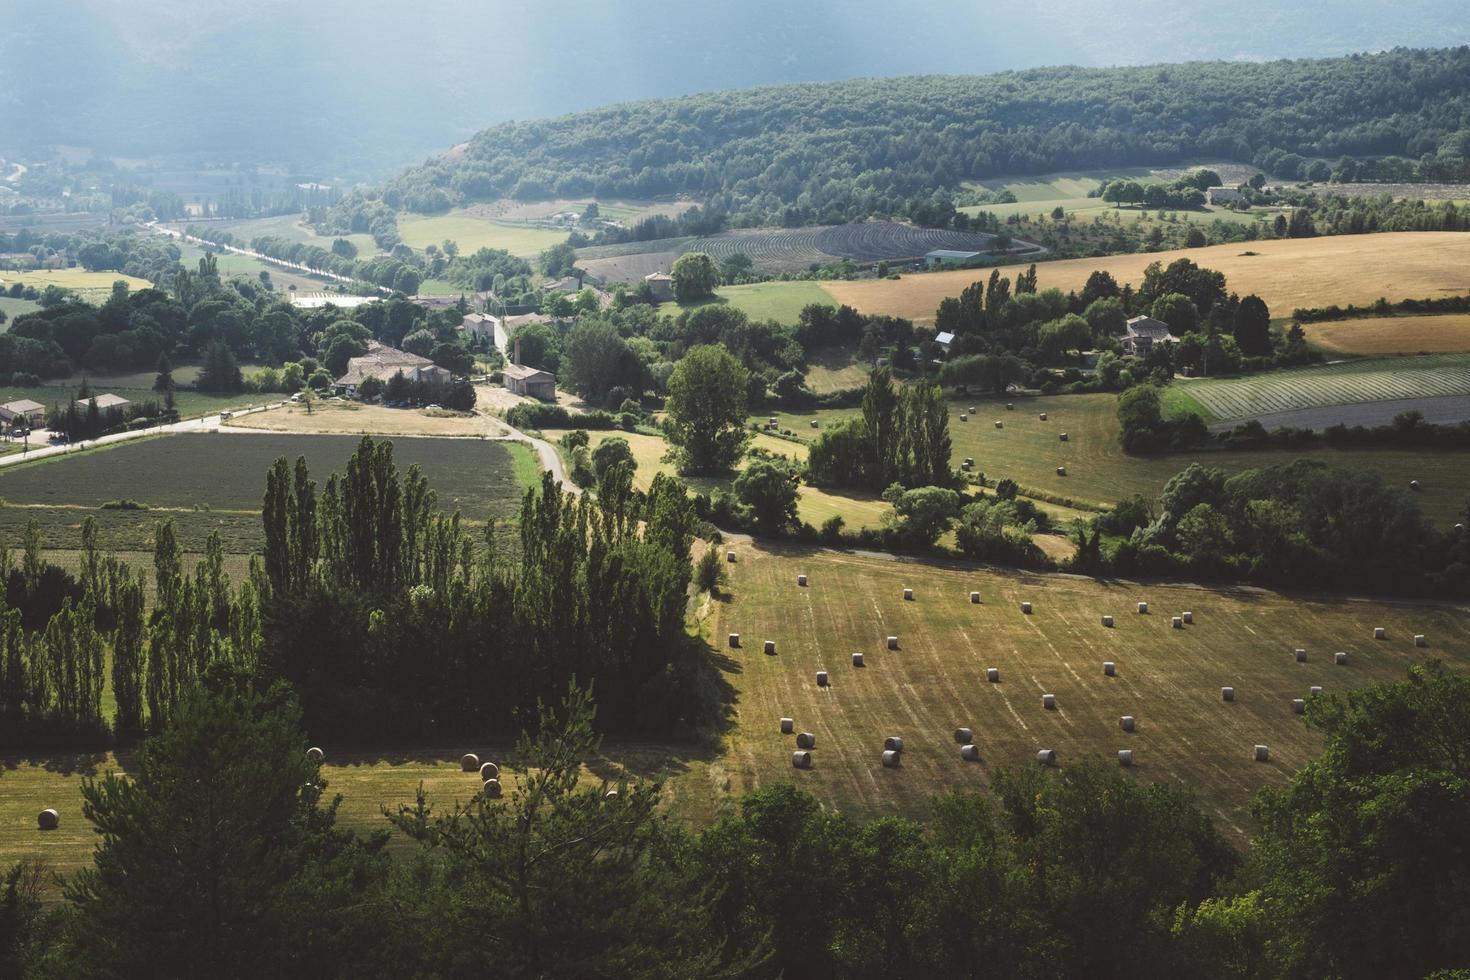 vista aérea de árboles y granja. foto